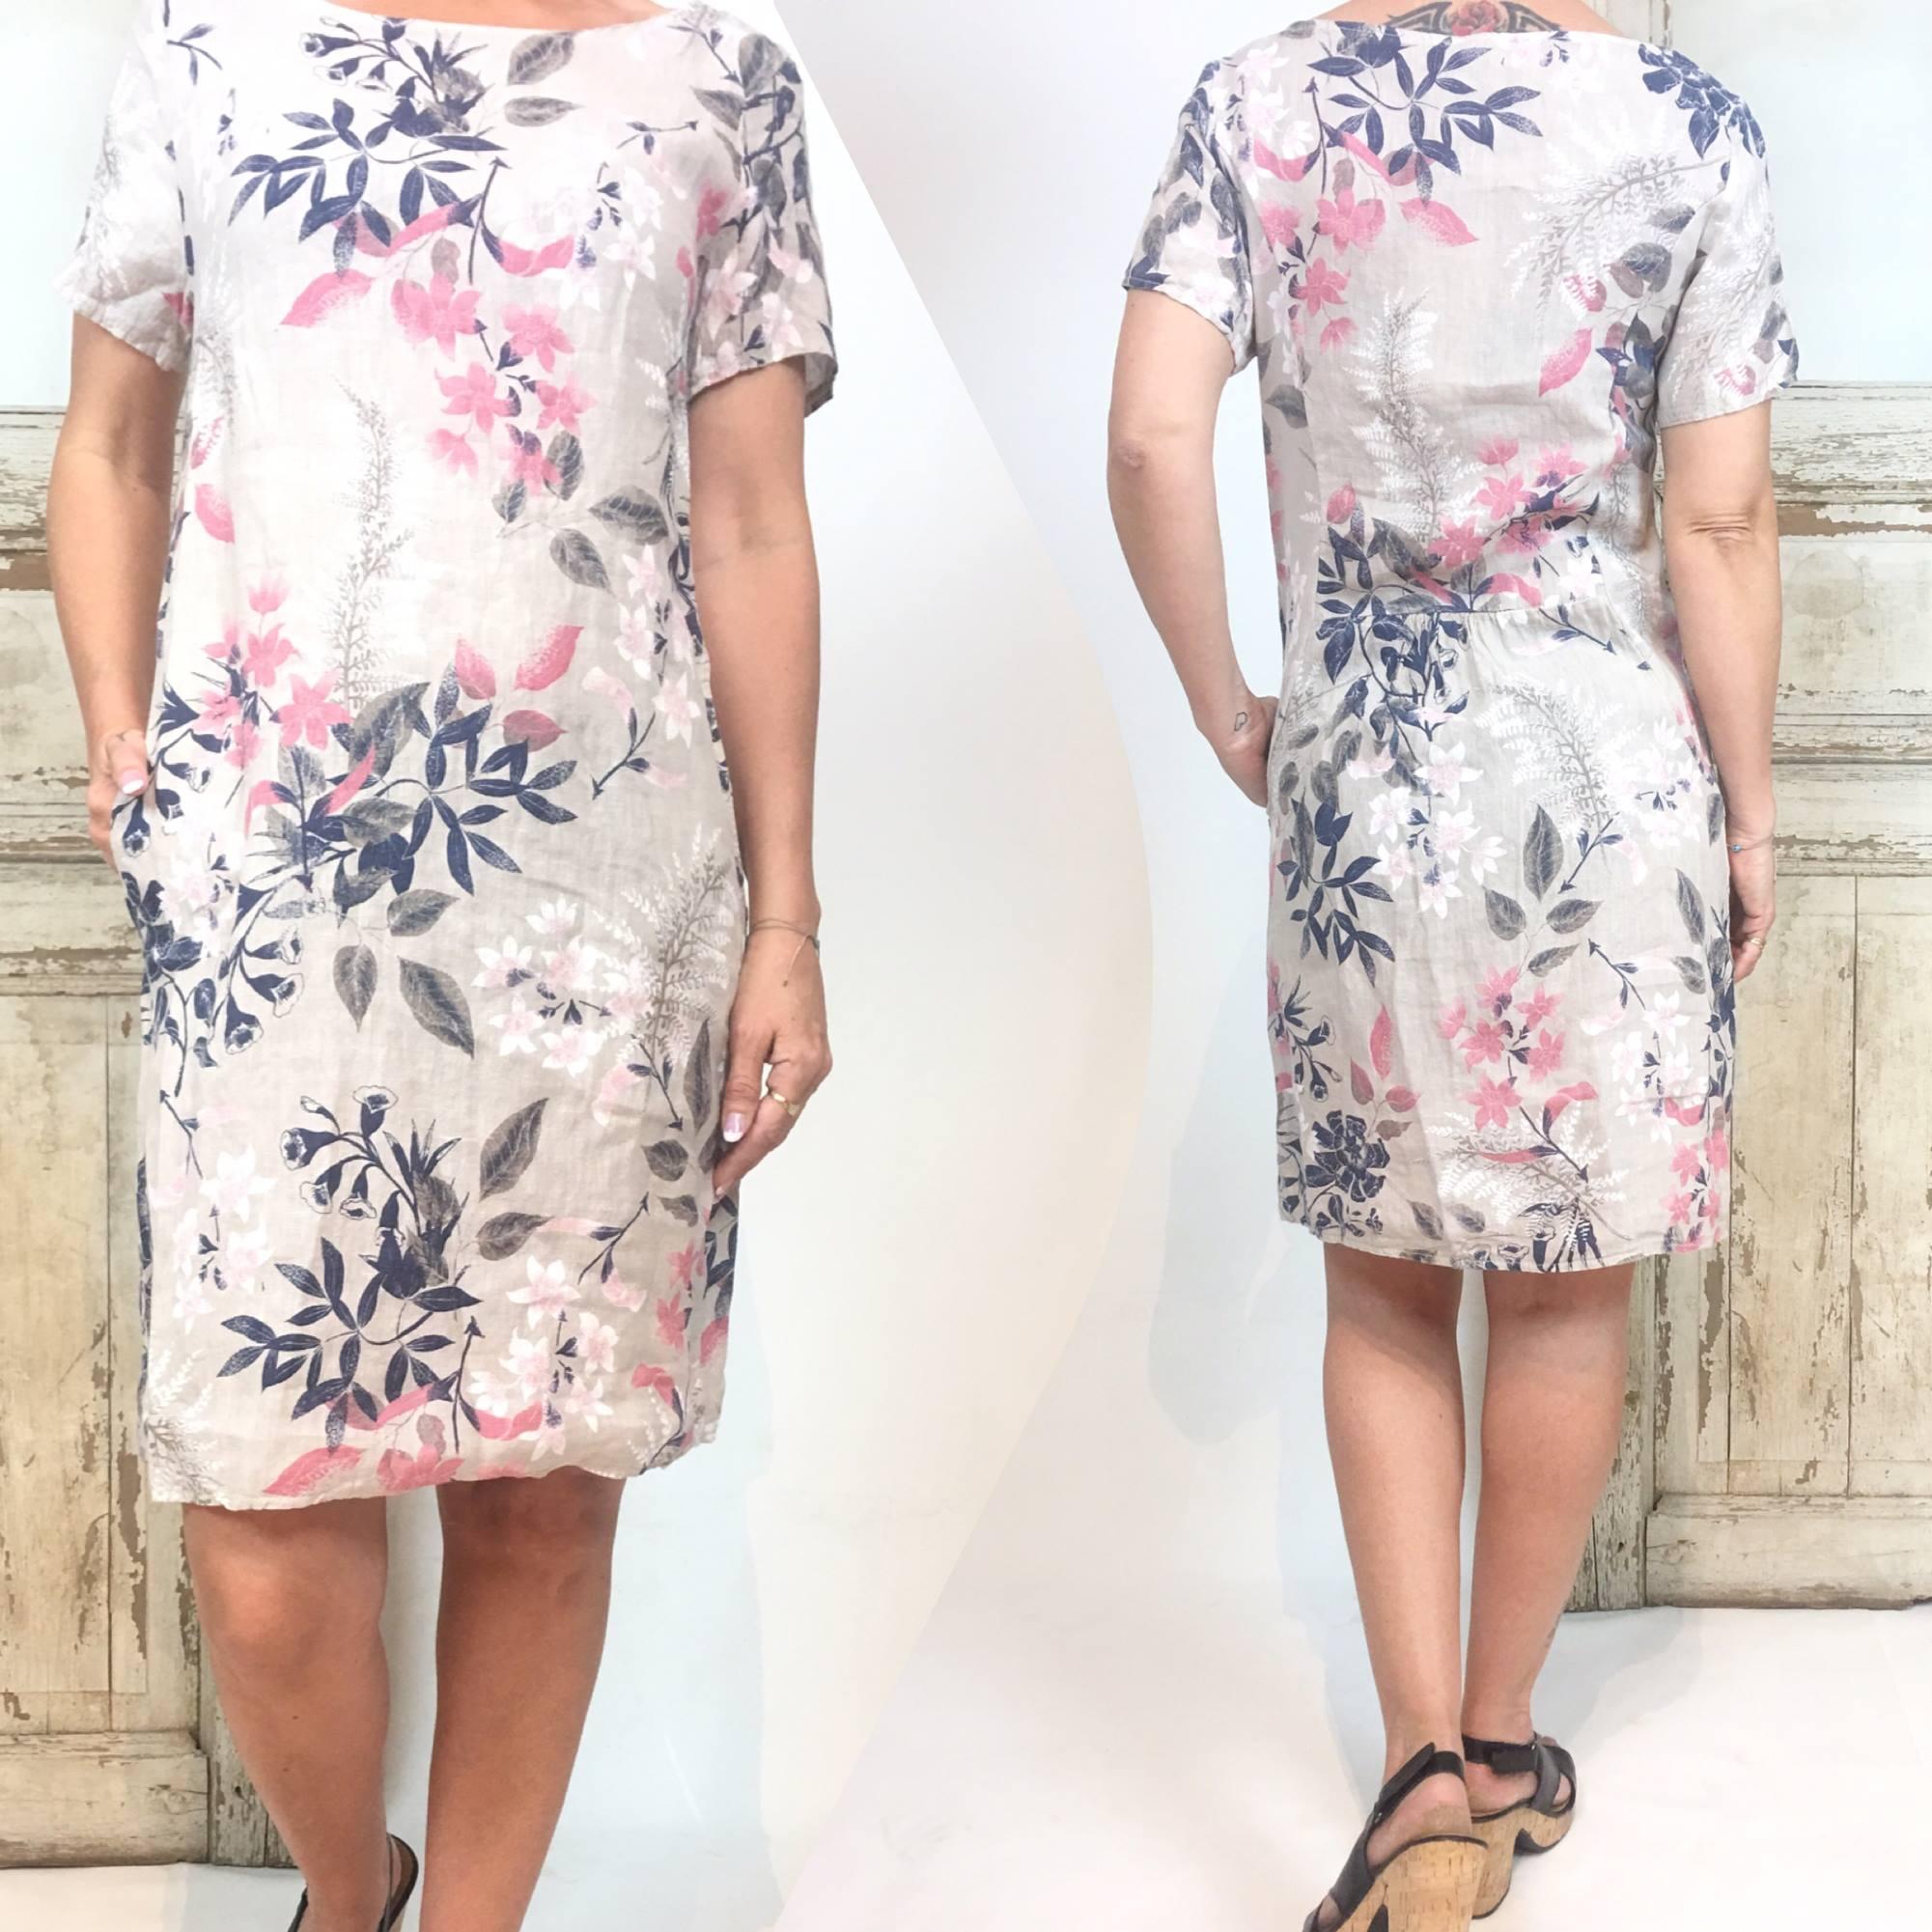 969c888a Linkjole fra Pepper. Beige kjole i 100% lin. Kjole fra Peppe, kjole ...